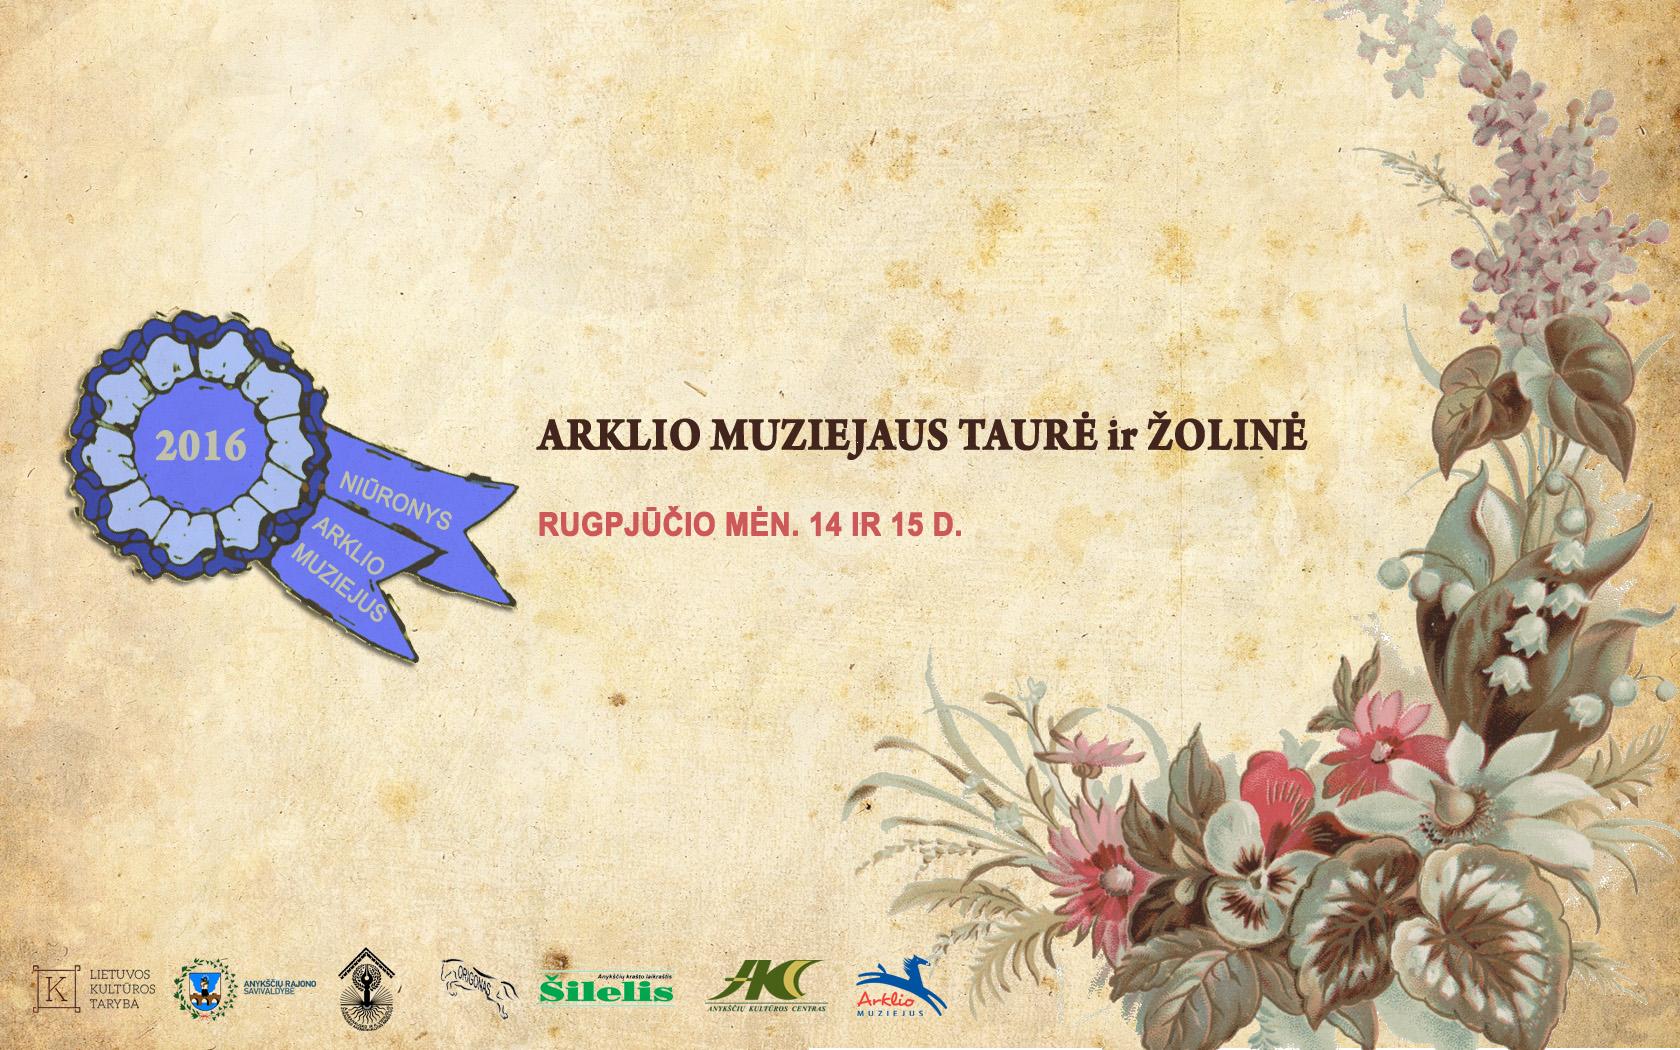 Arklio muziejaus taurė ir Žolinė